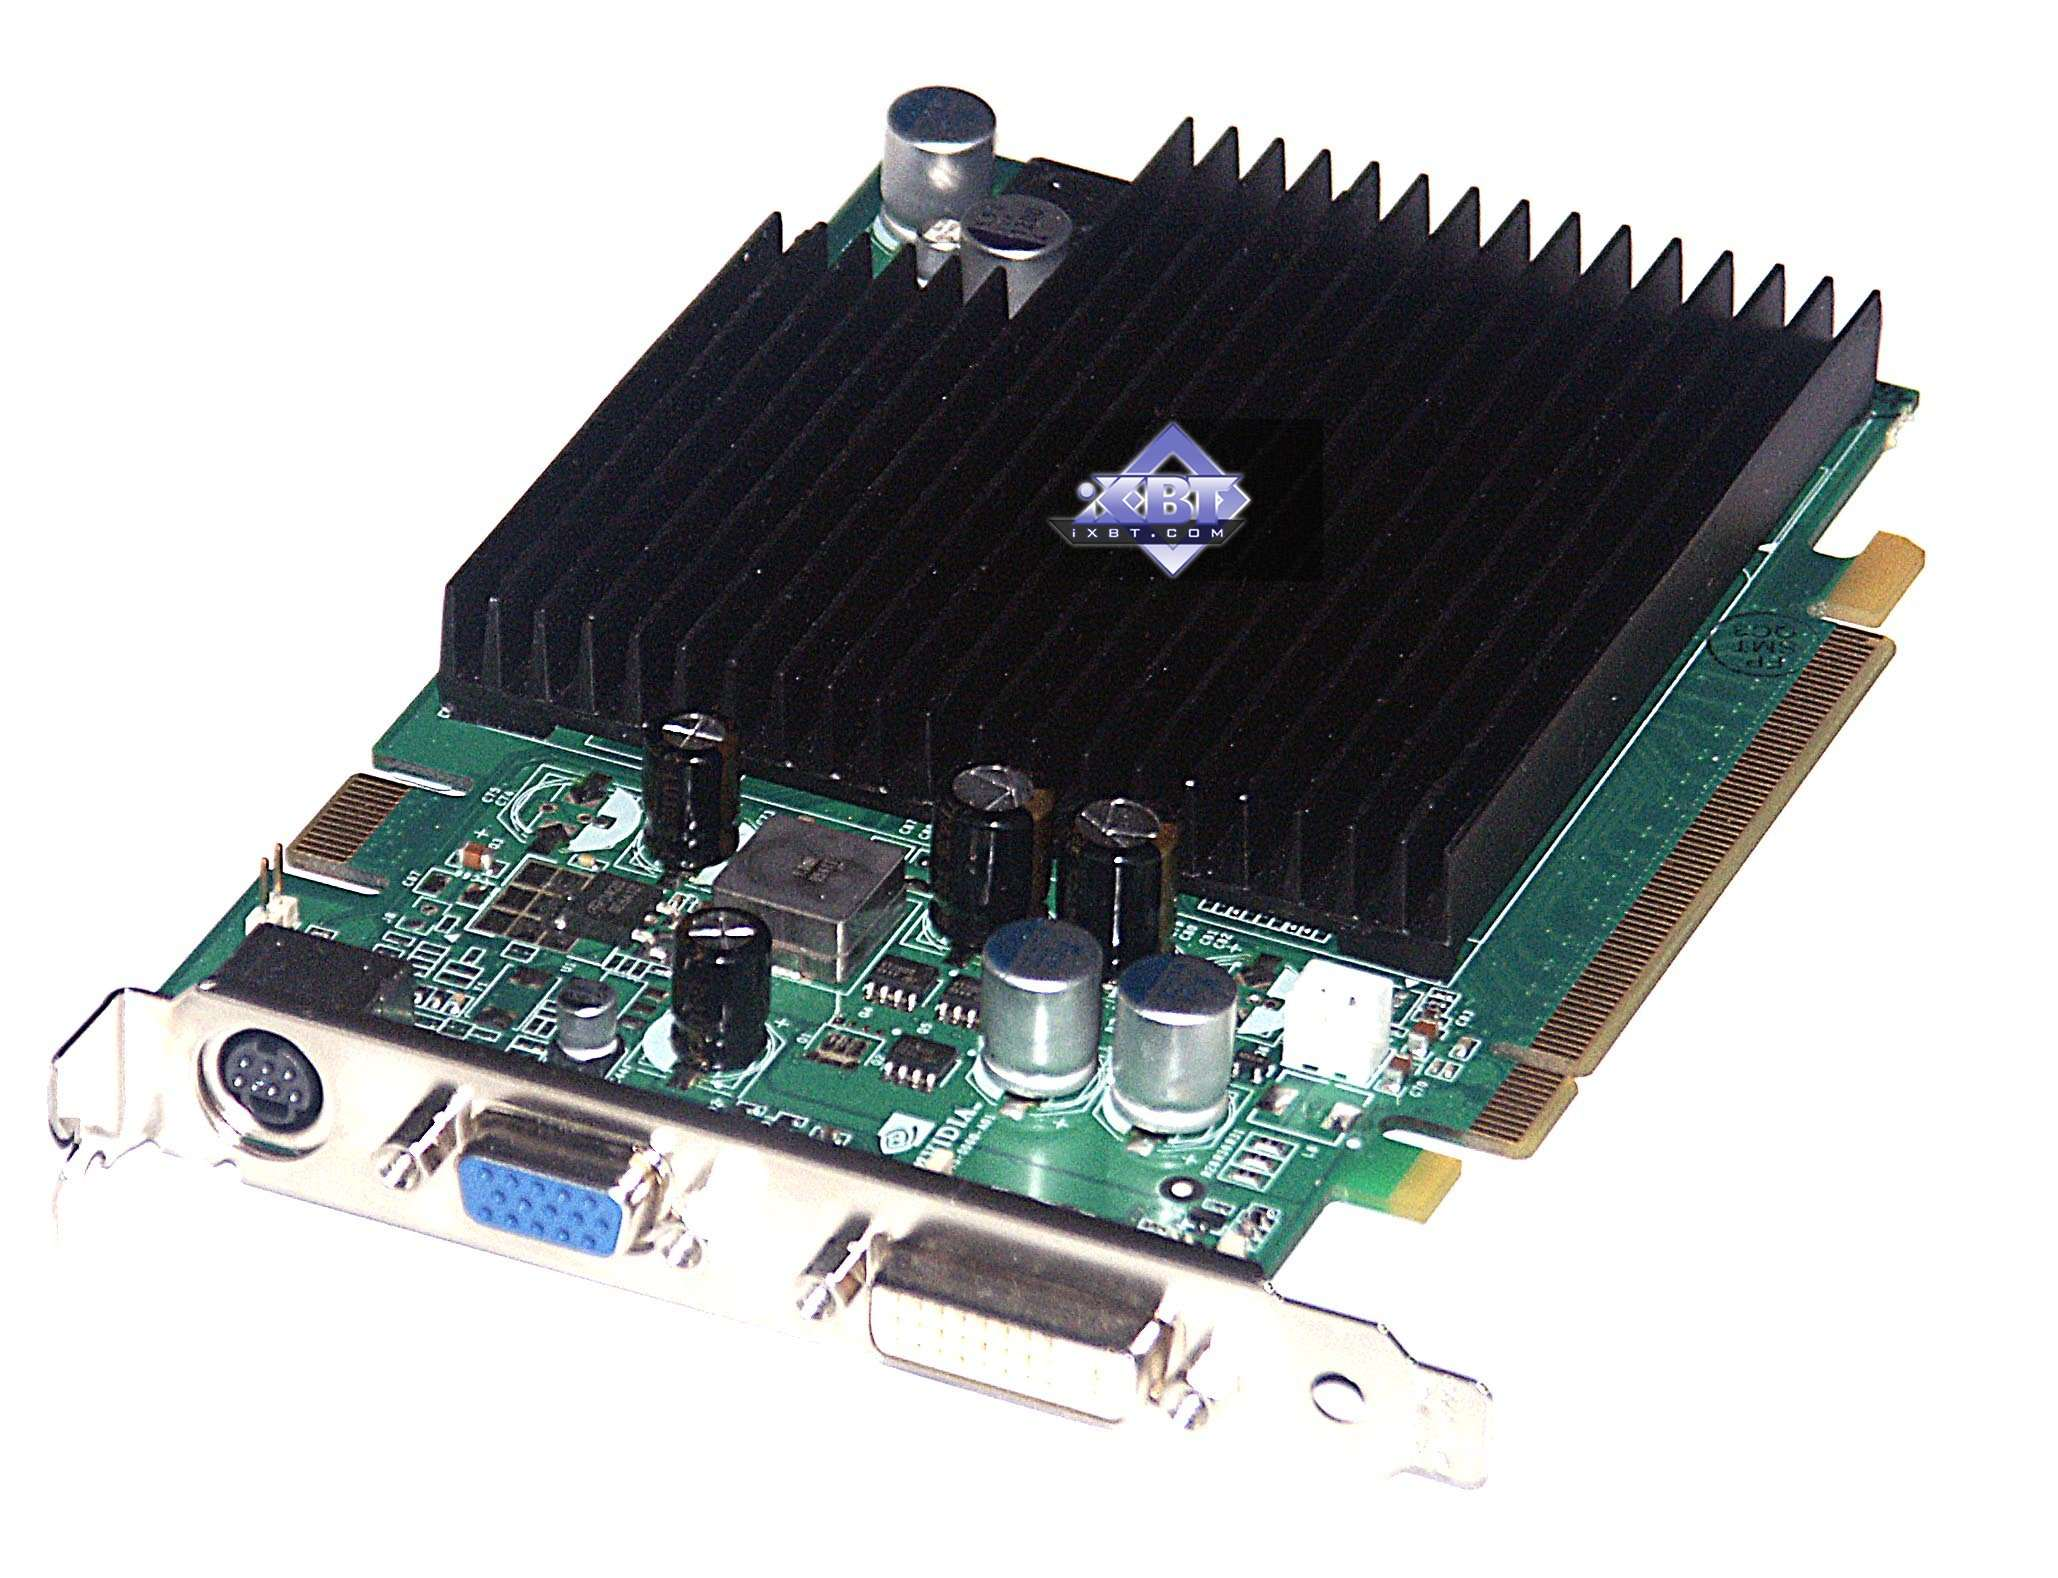 скачать драйвер nvidia geforce 8400m gt 2009 года